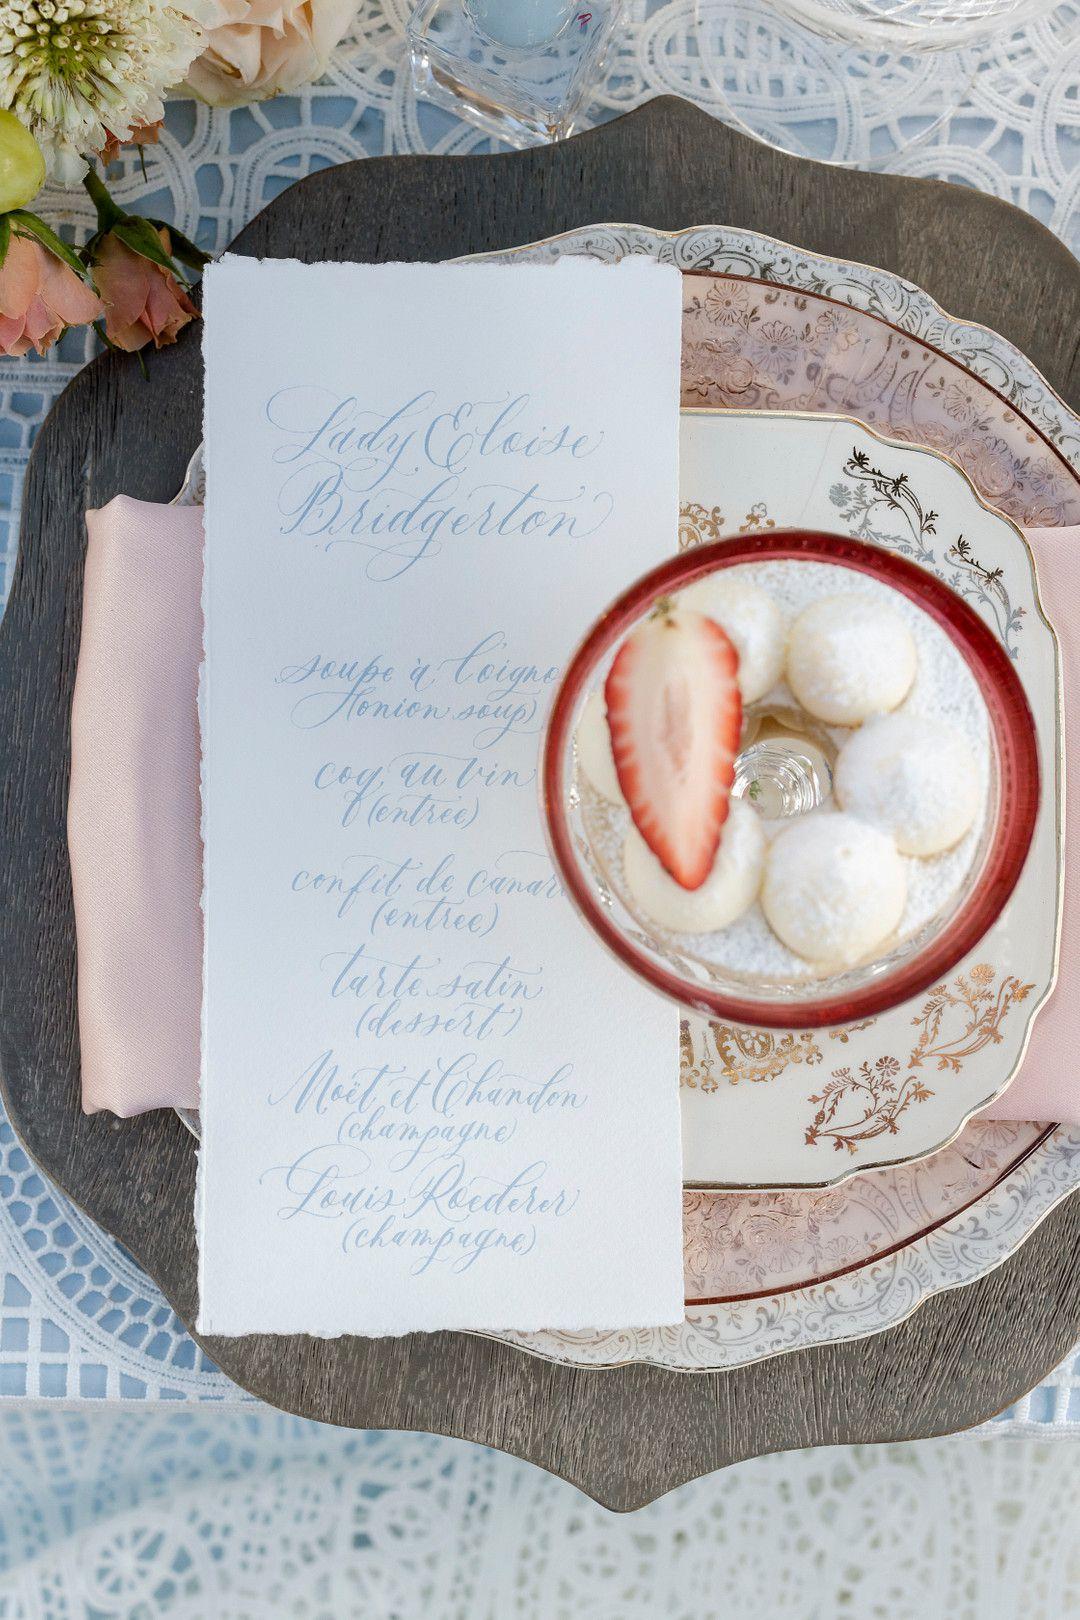 bridgerton netflix wedding table